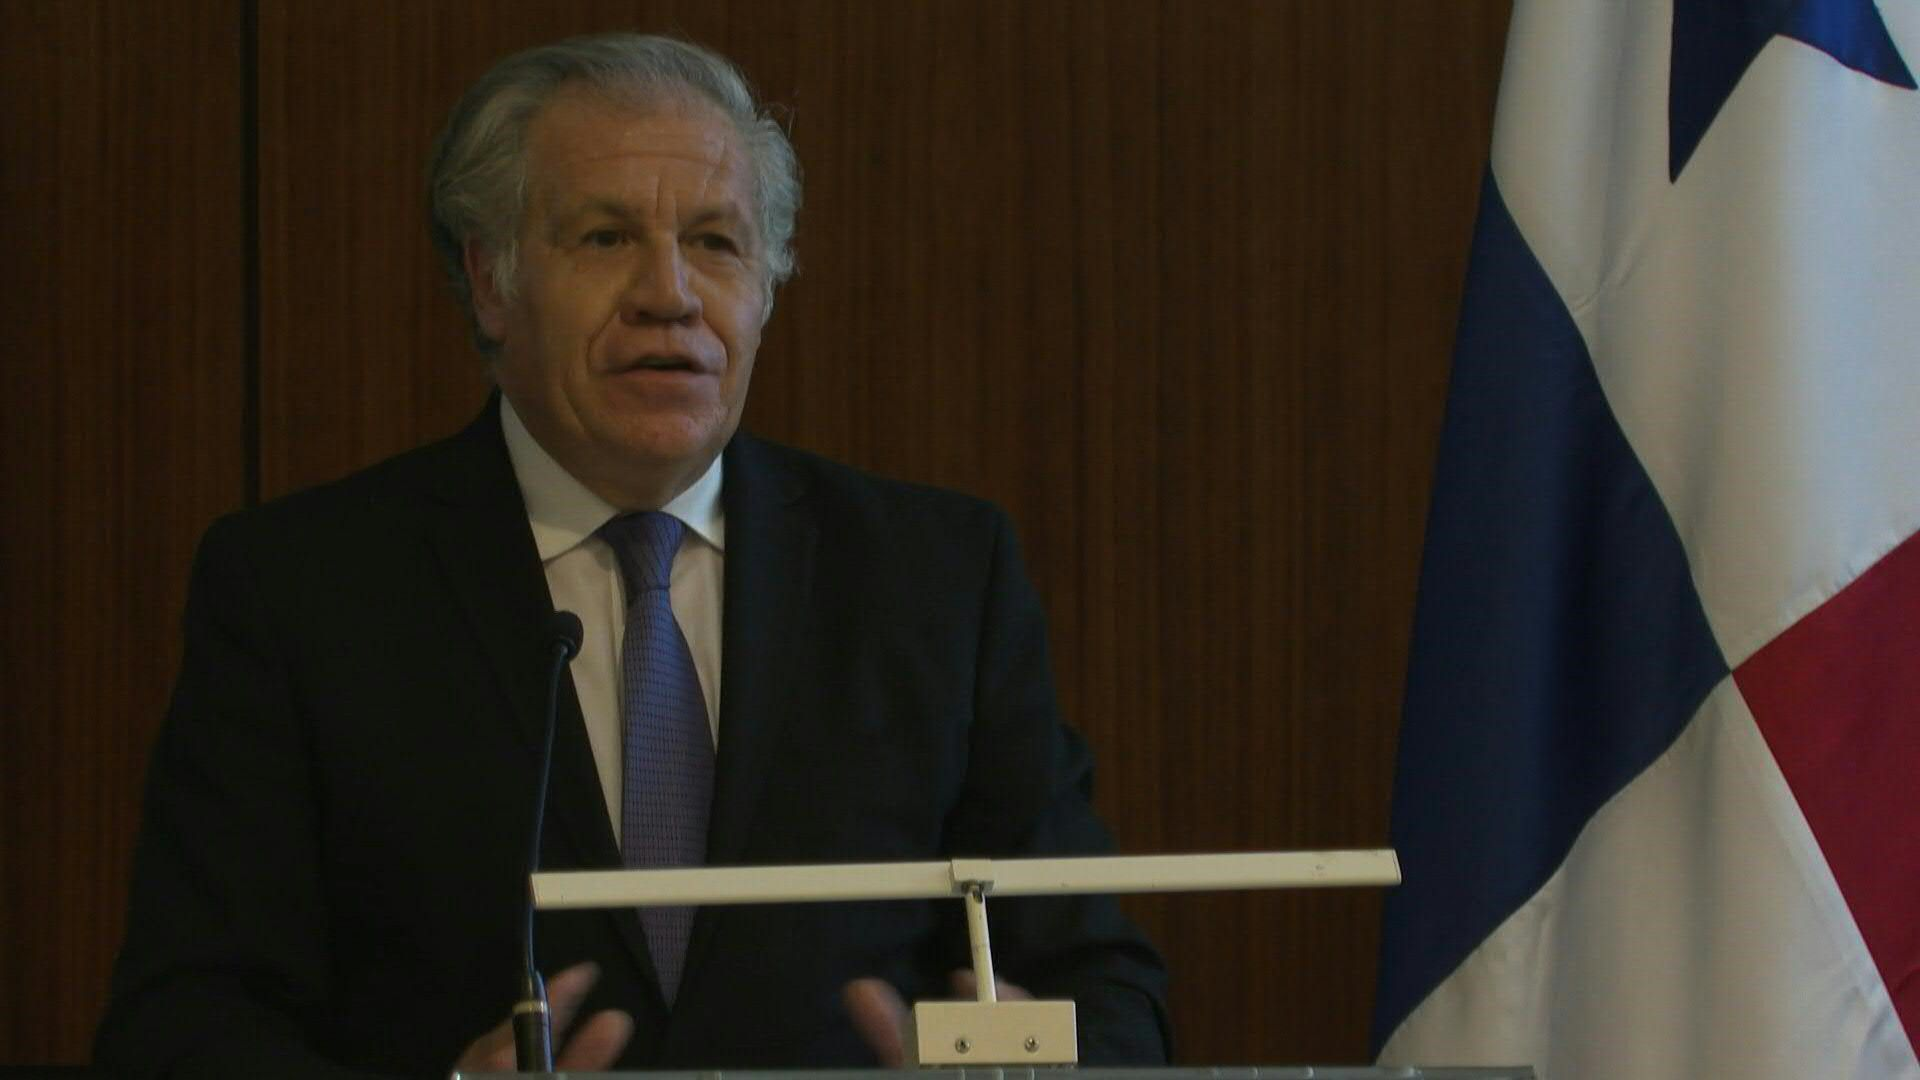 Secretario general de la Organización de Estados Americanos (OEA), Luis Almagro